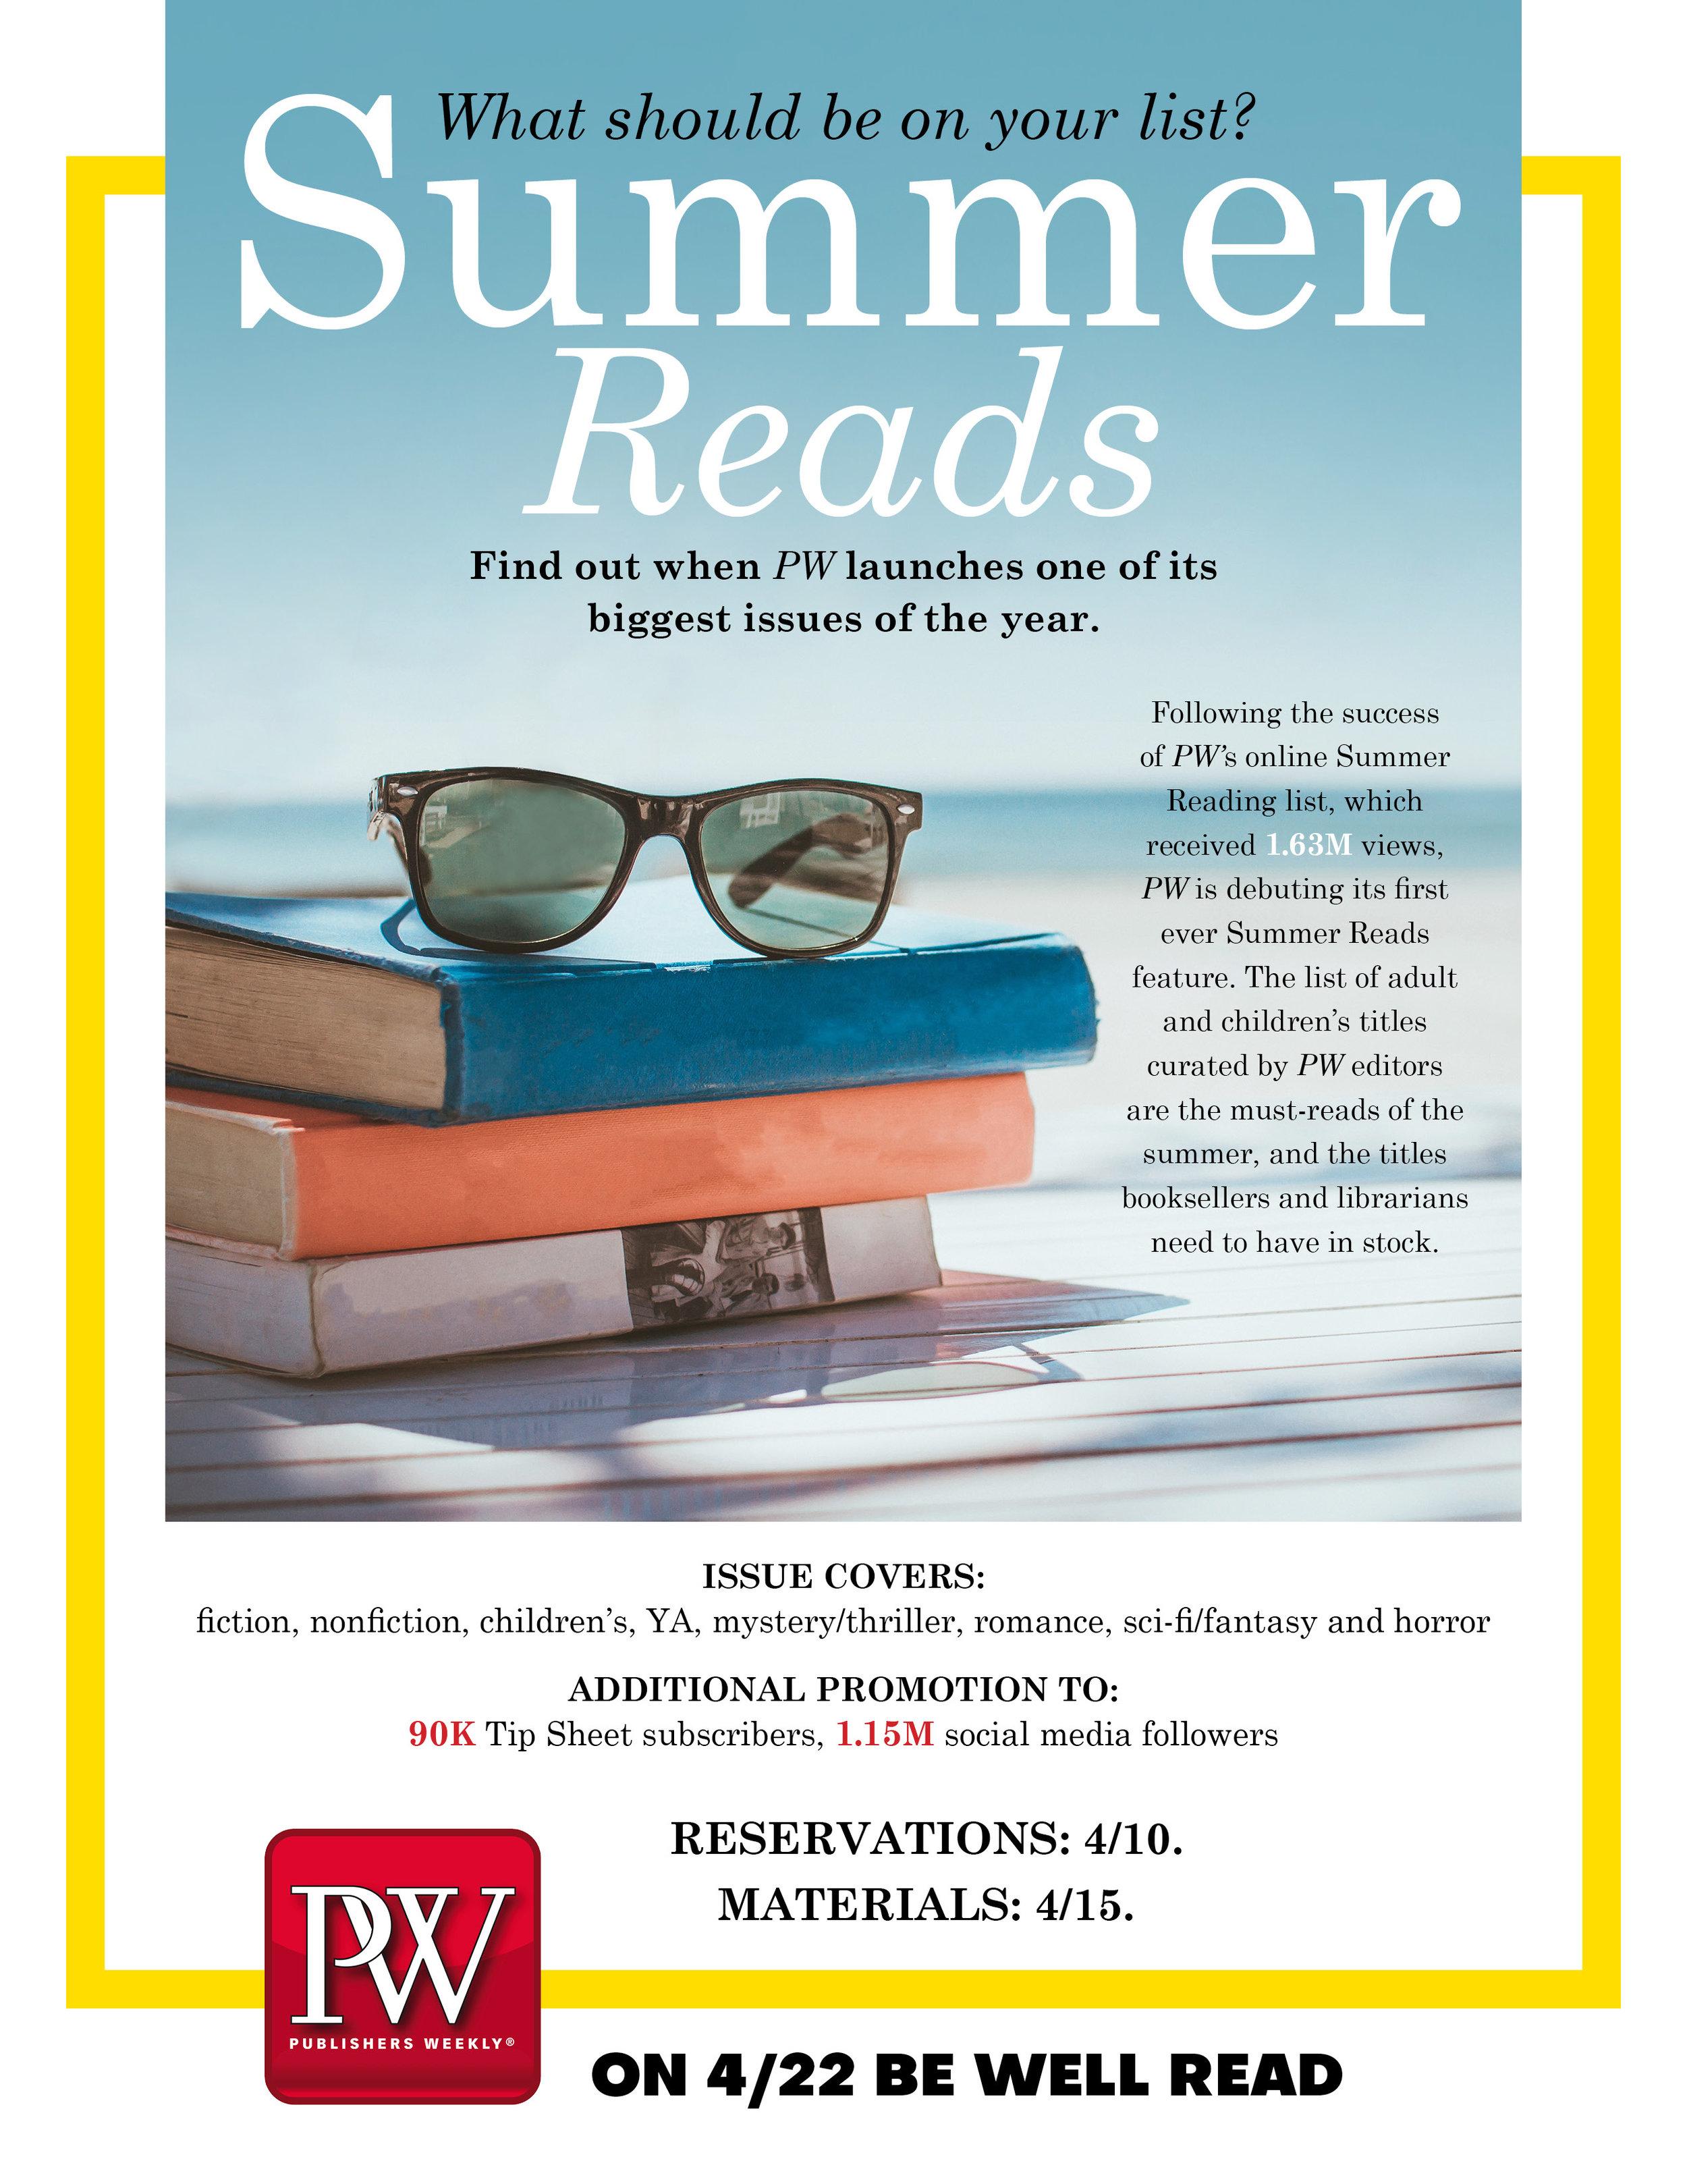 summer.reads2.jpg